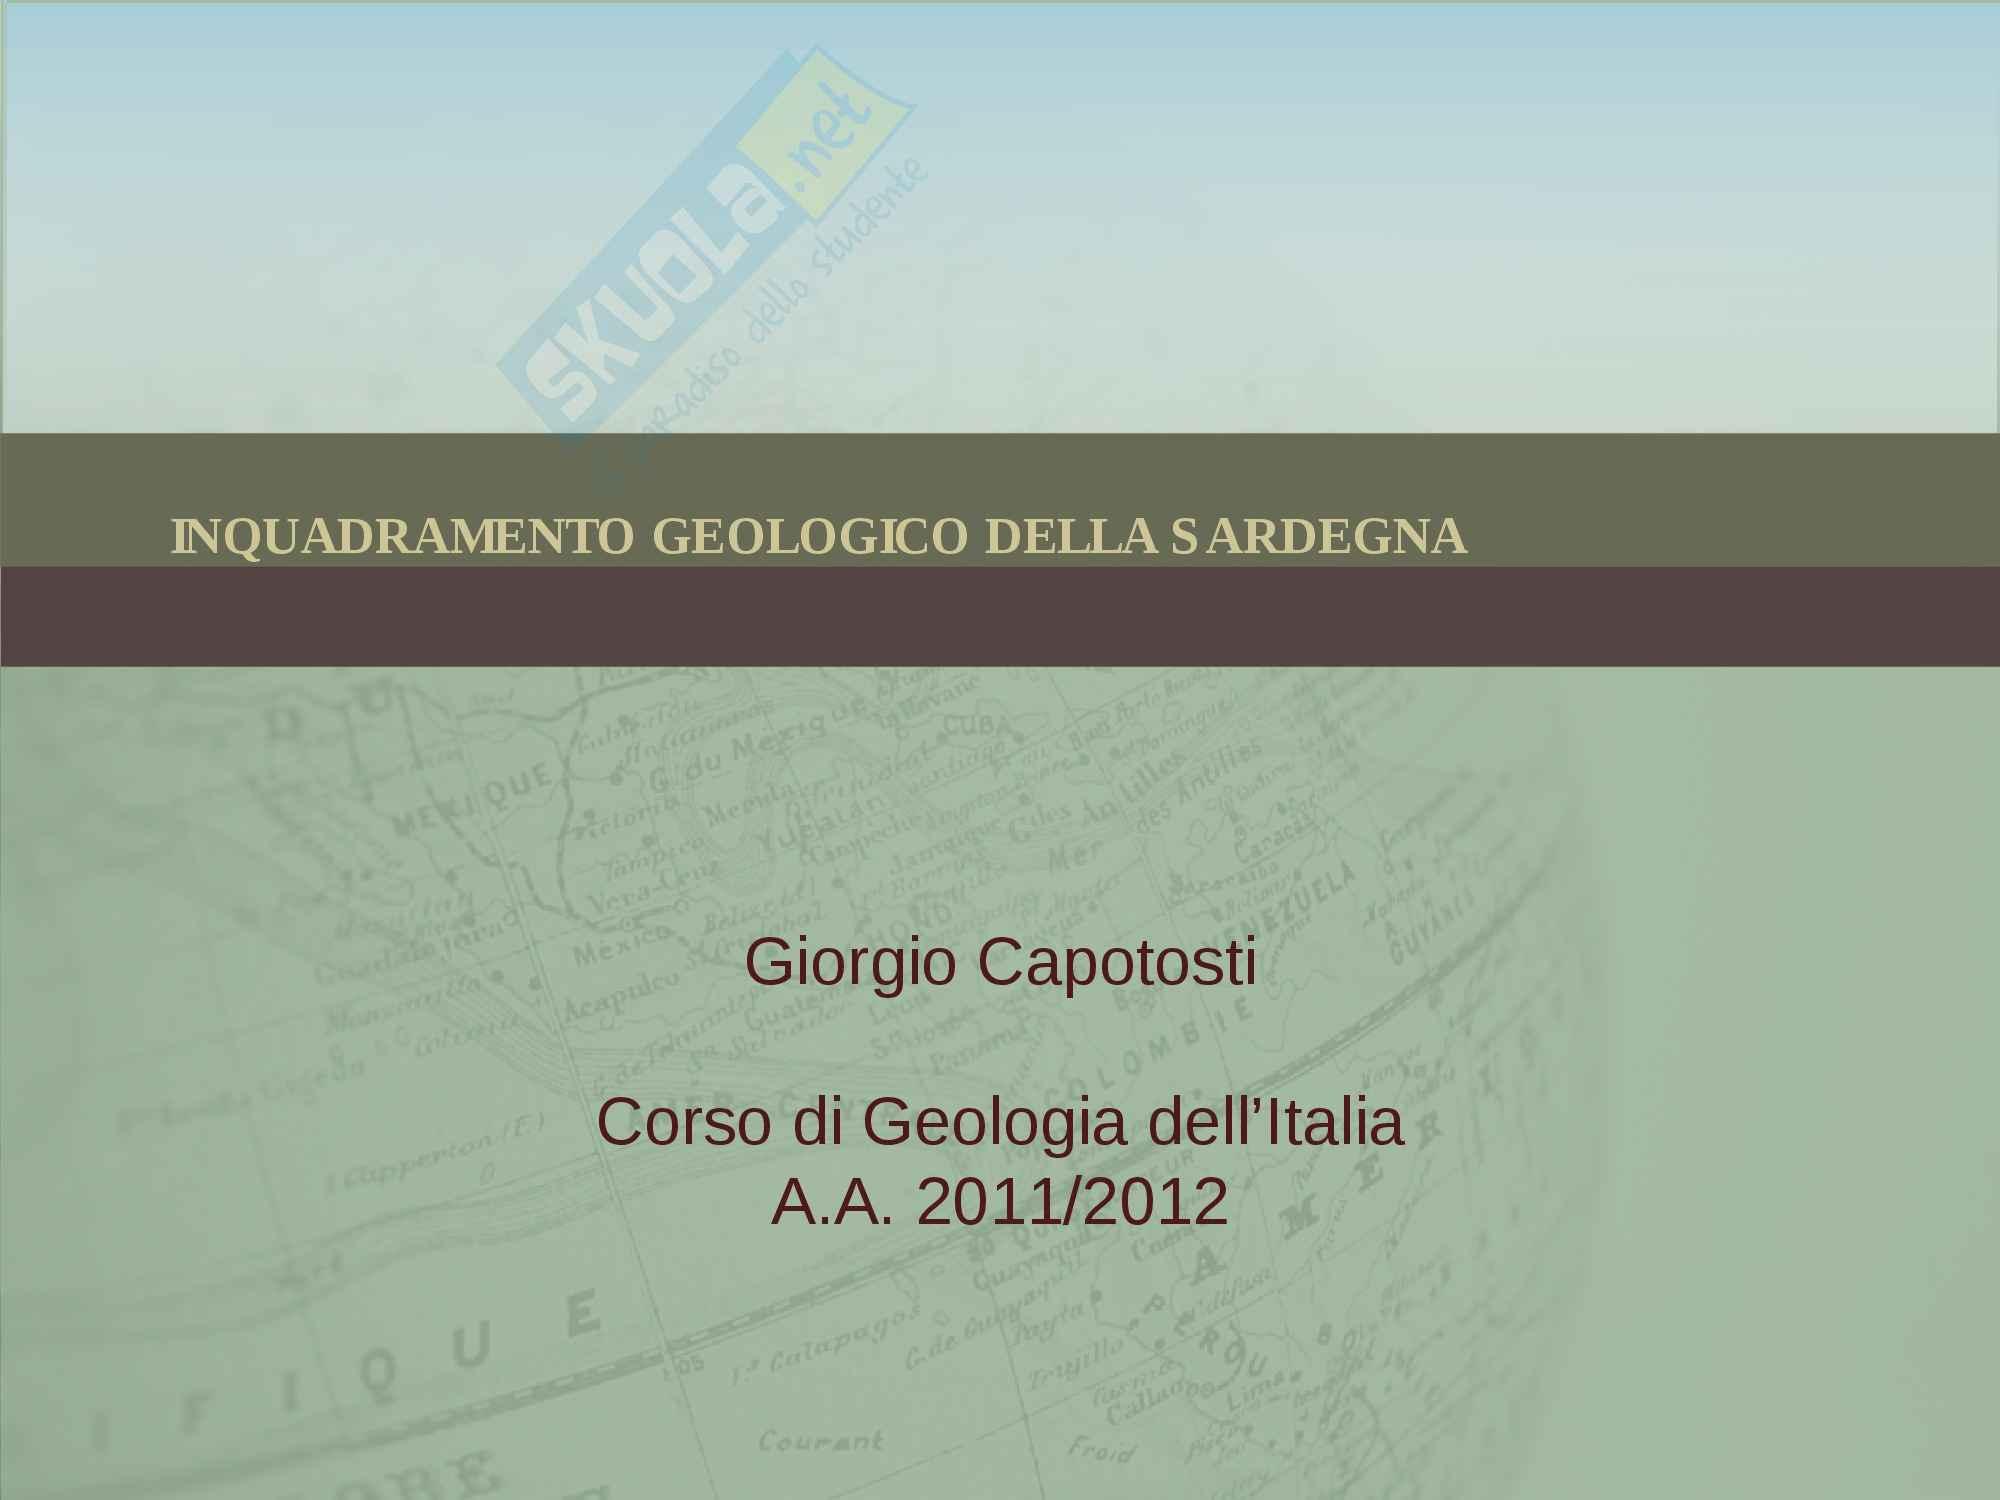 Inquadramento geologico della Sardegna, Geologia